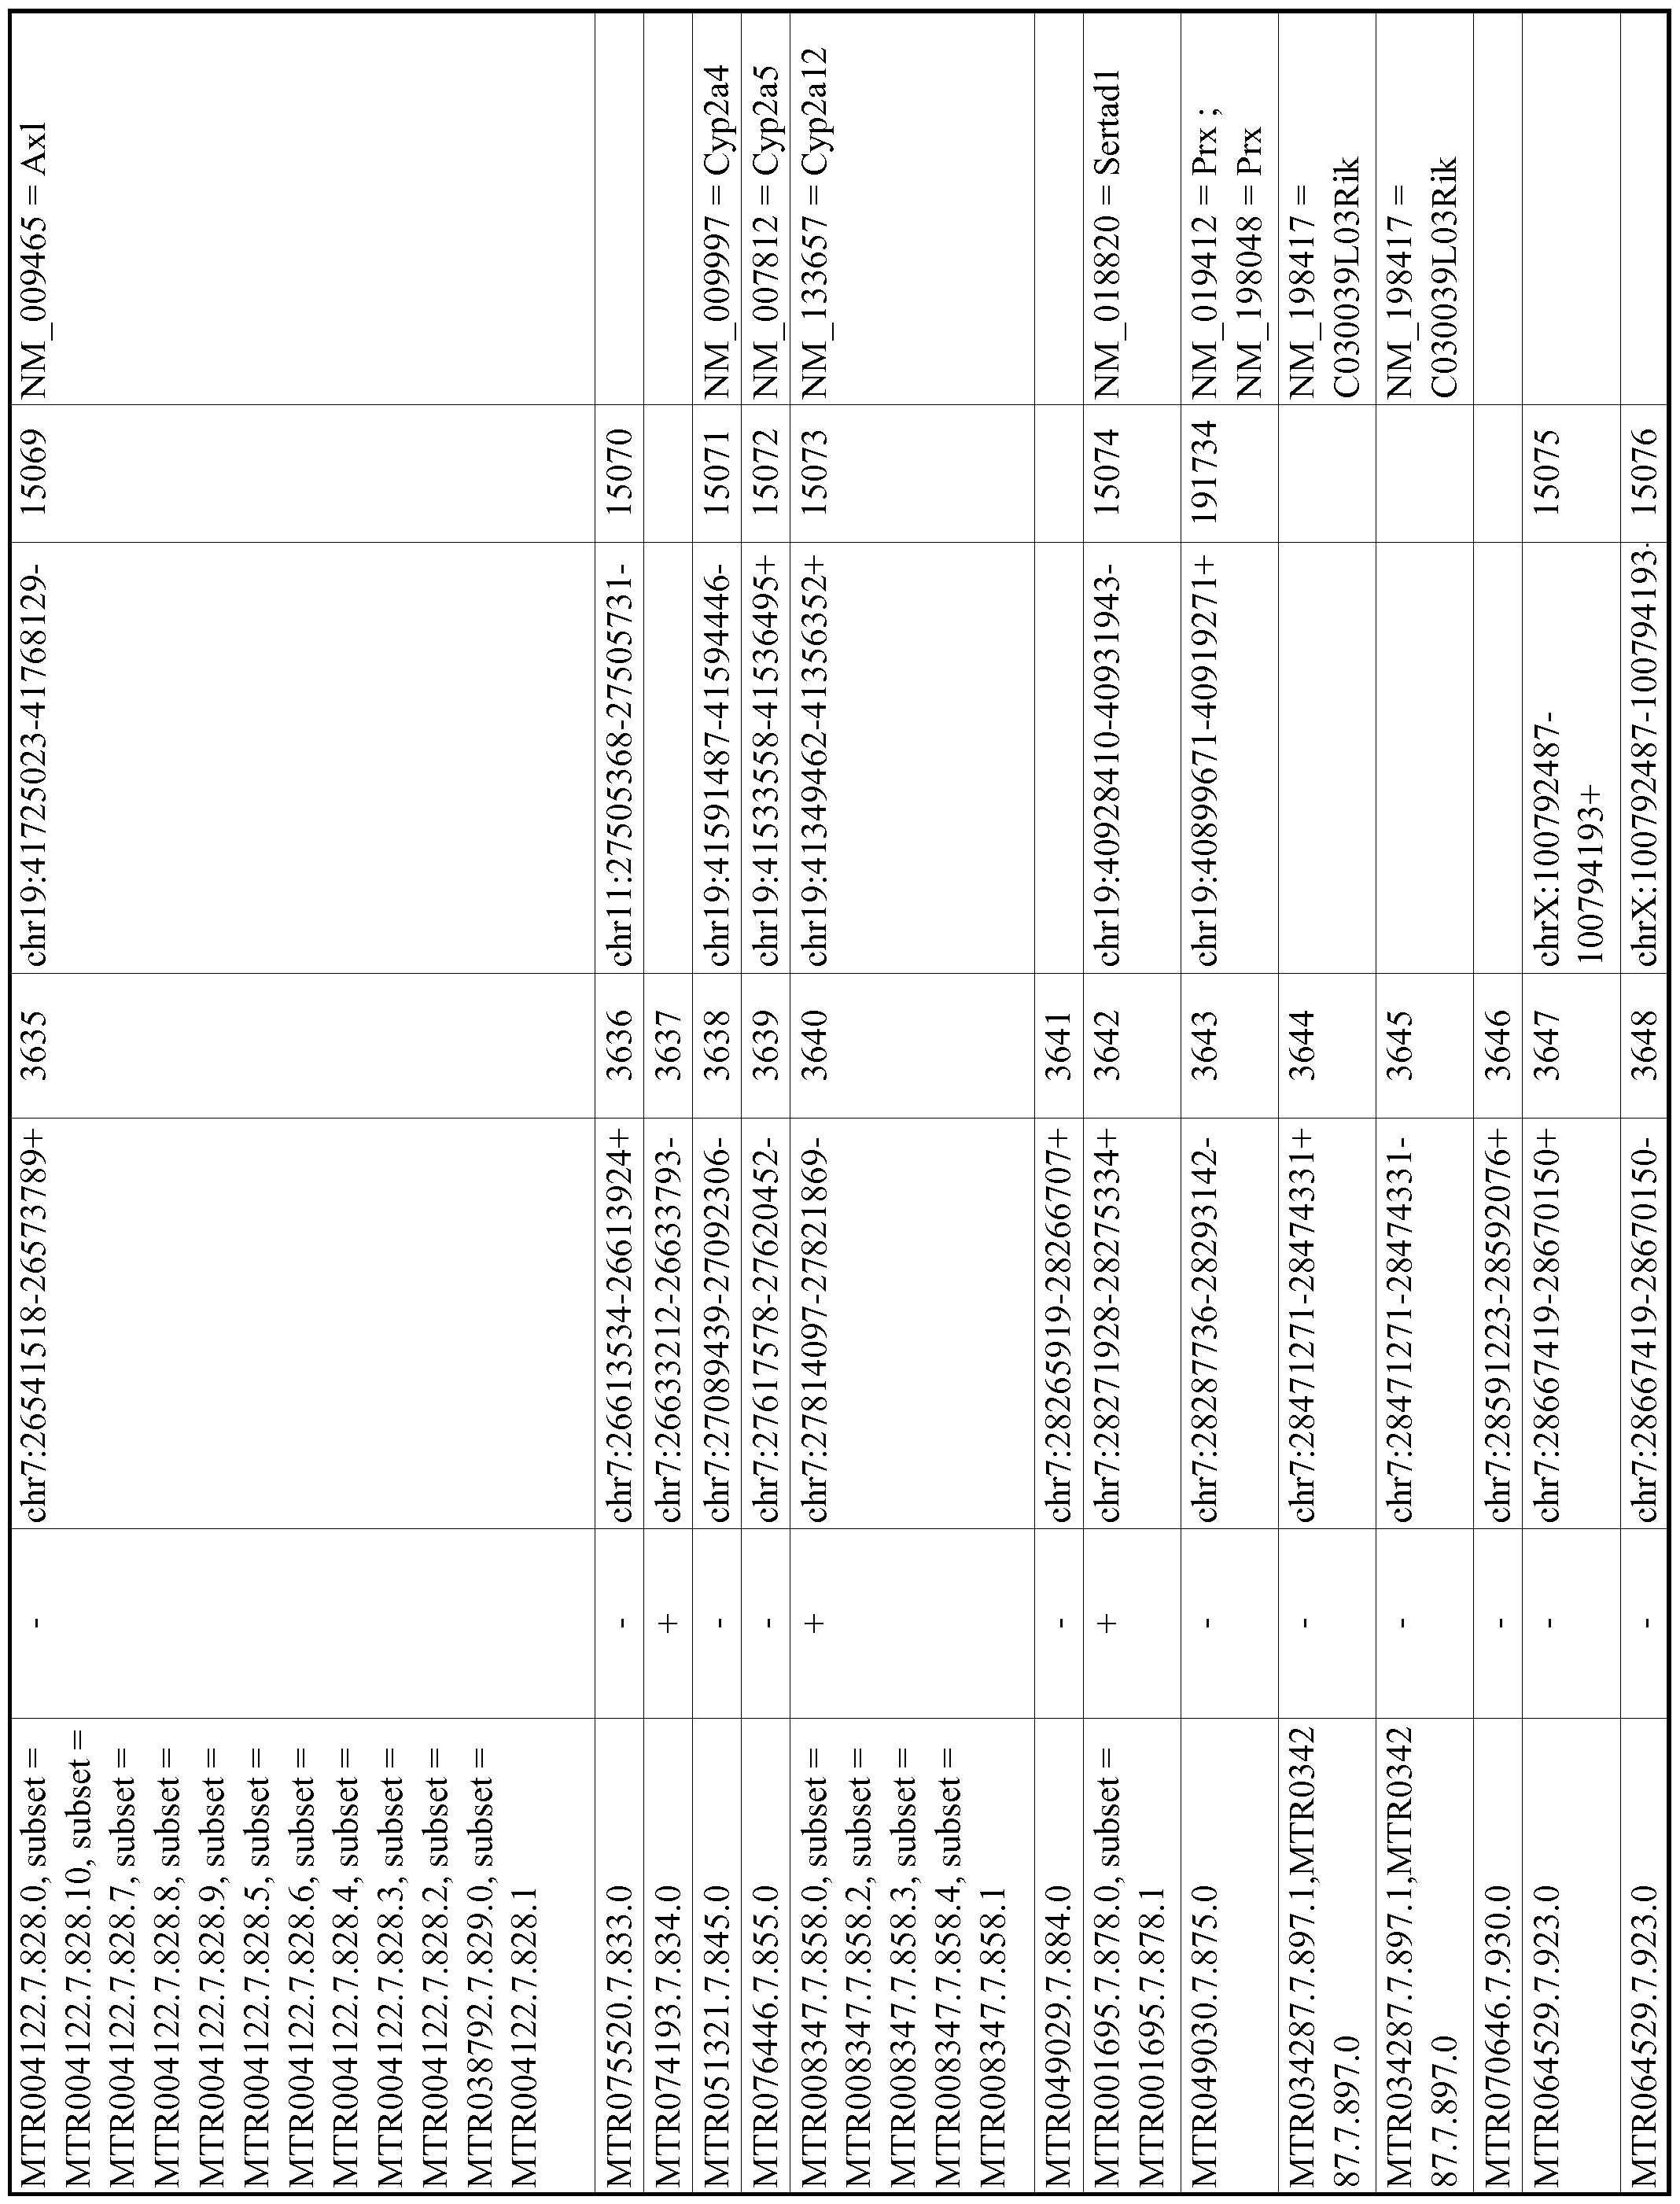 Figure imgf000704_0001